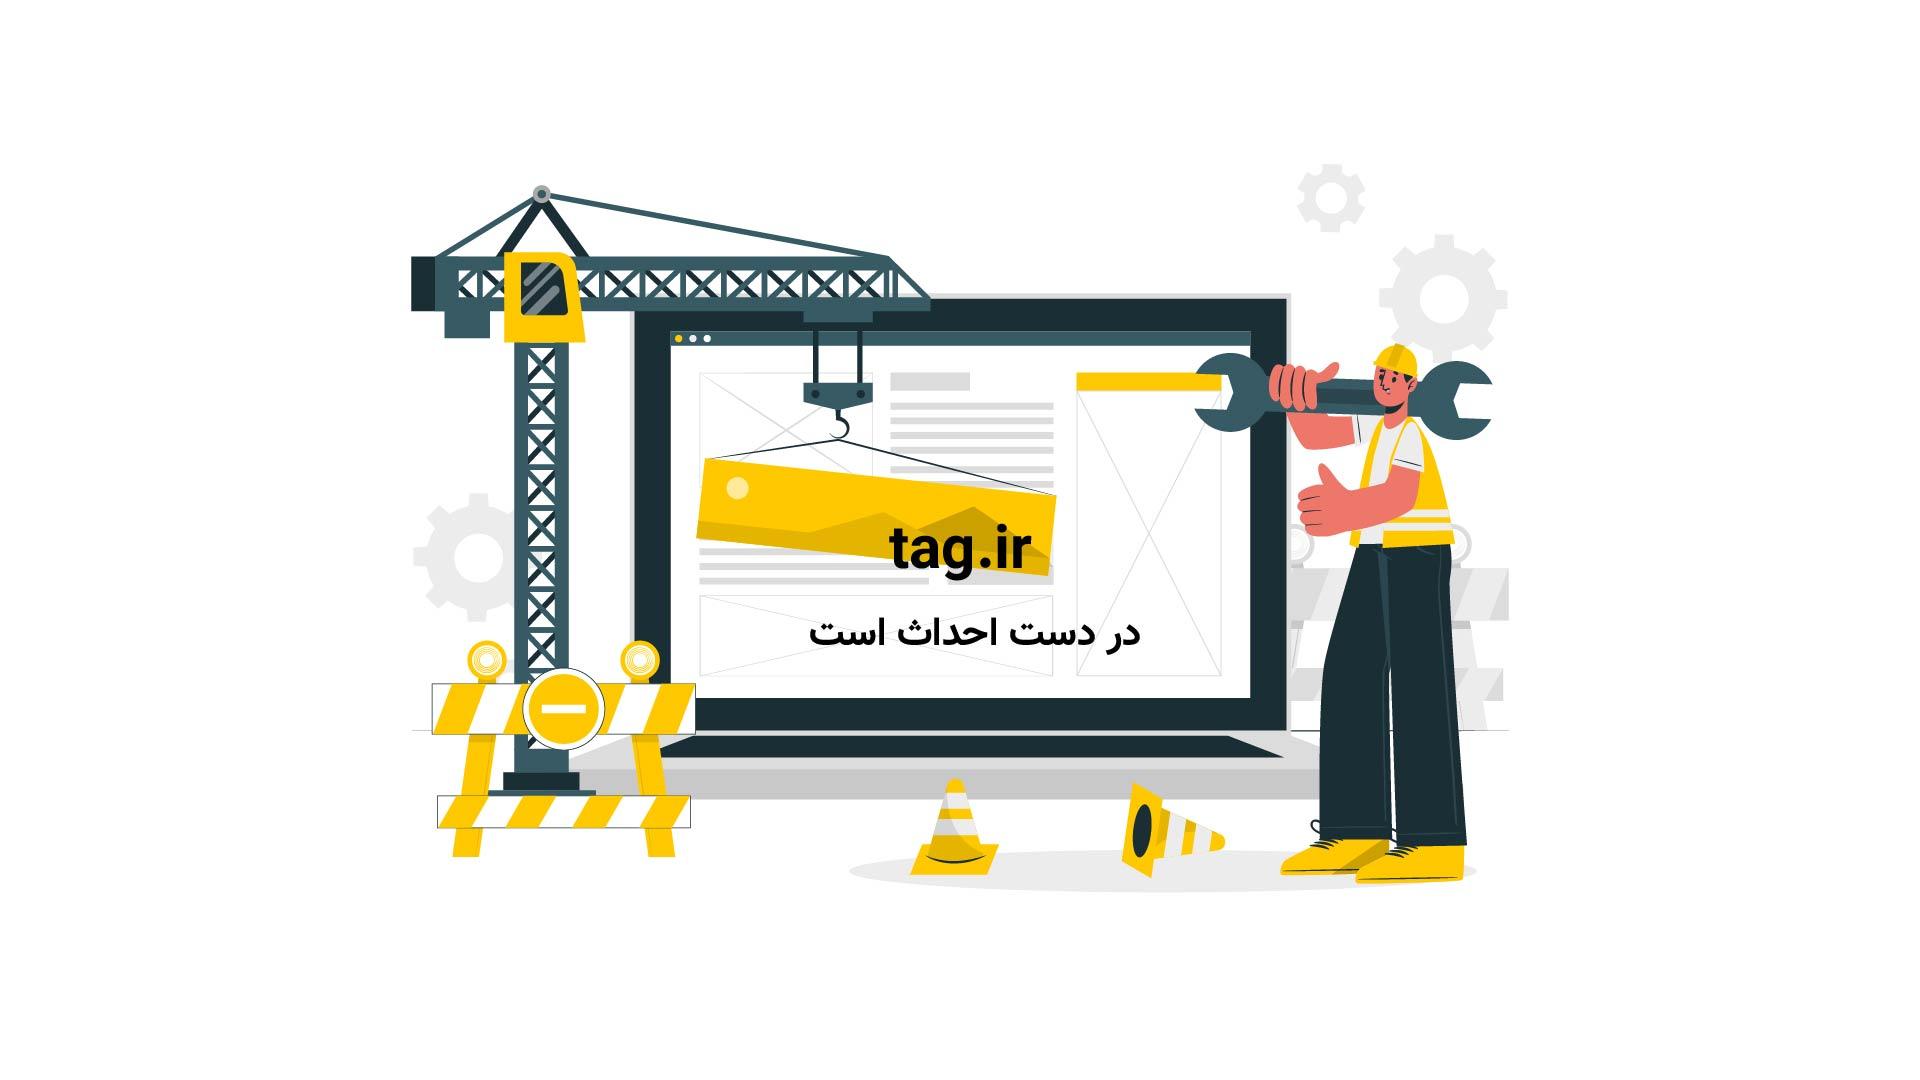 تایم لپس تهران | تگ